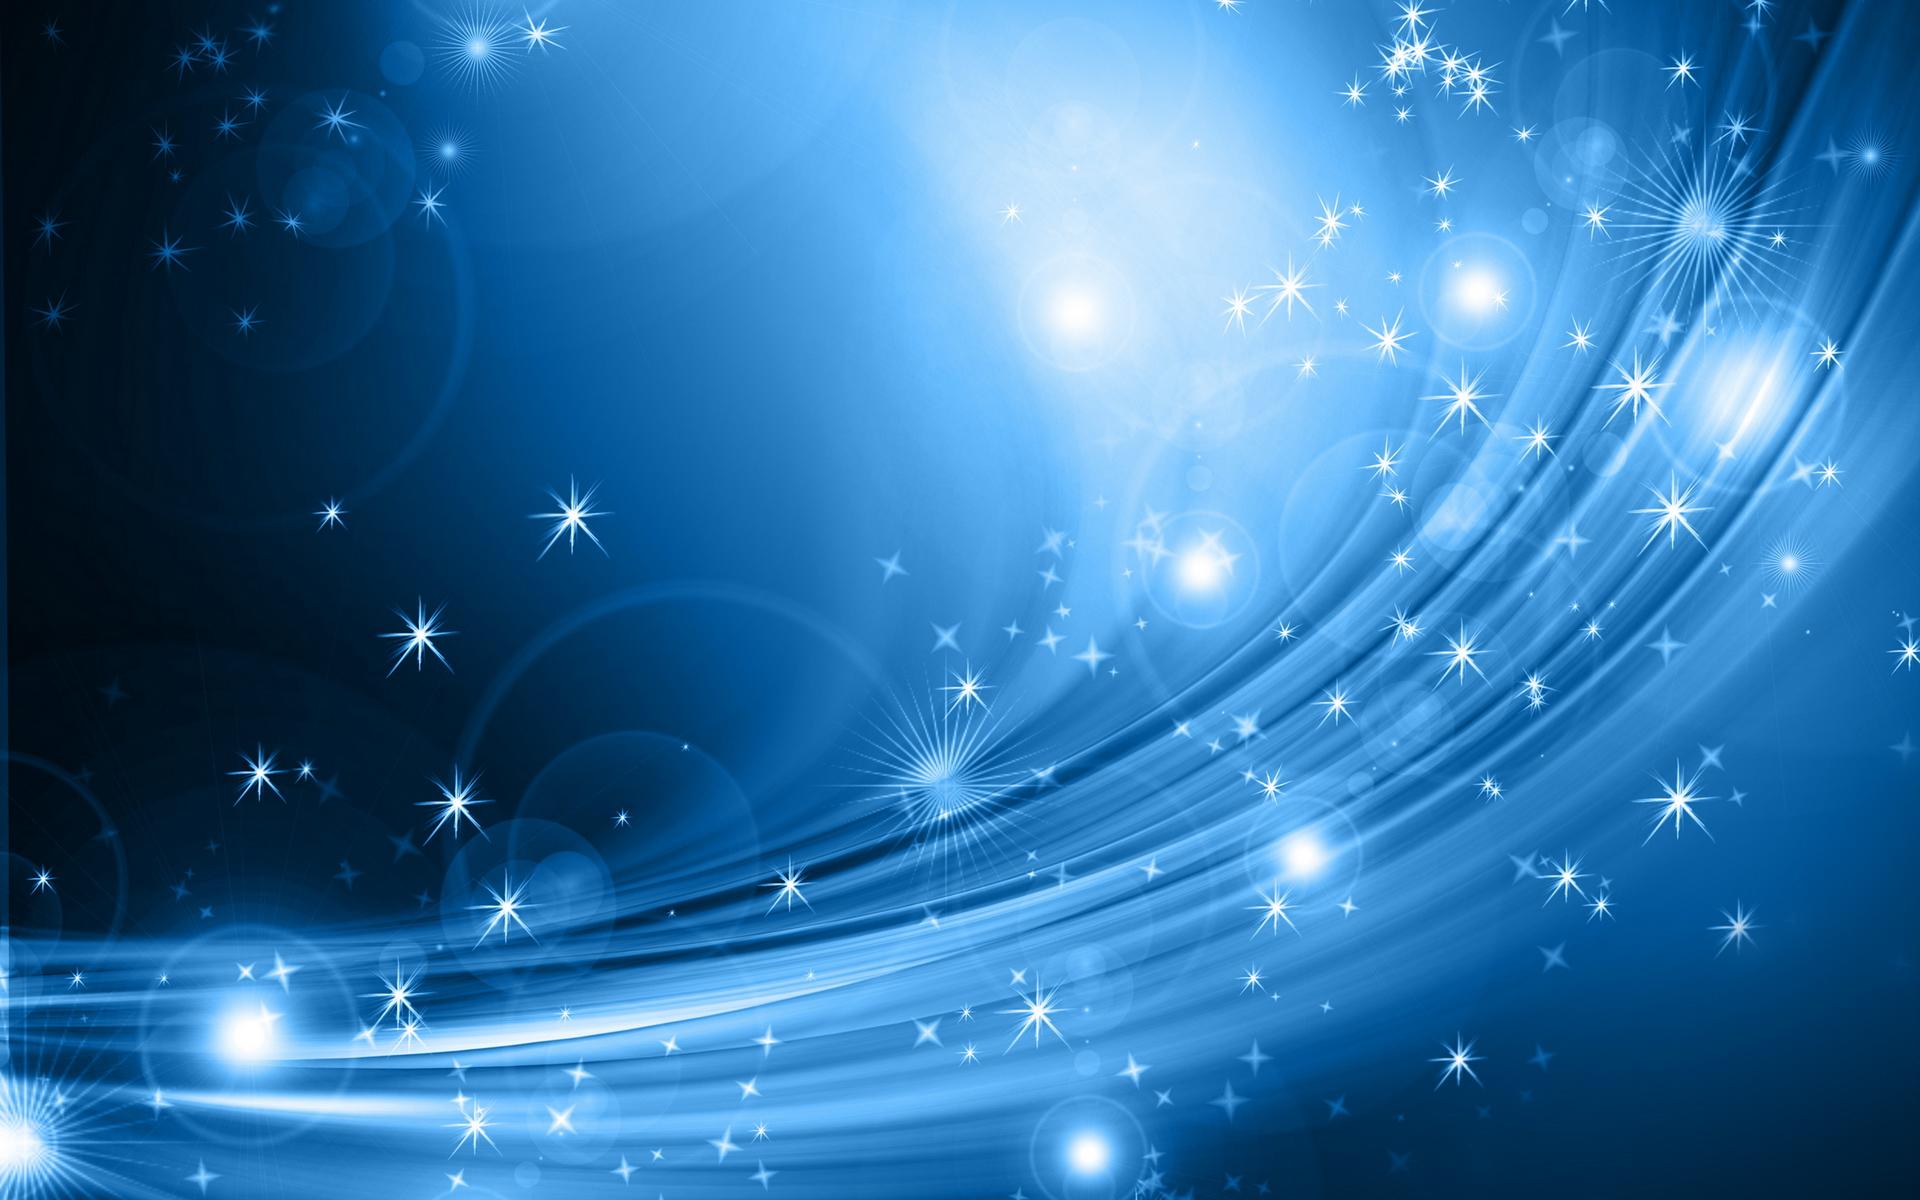 картинка волшебные звезды можно